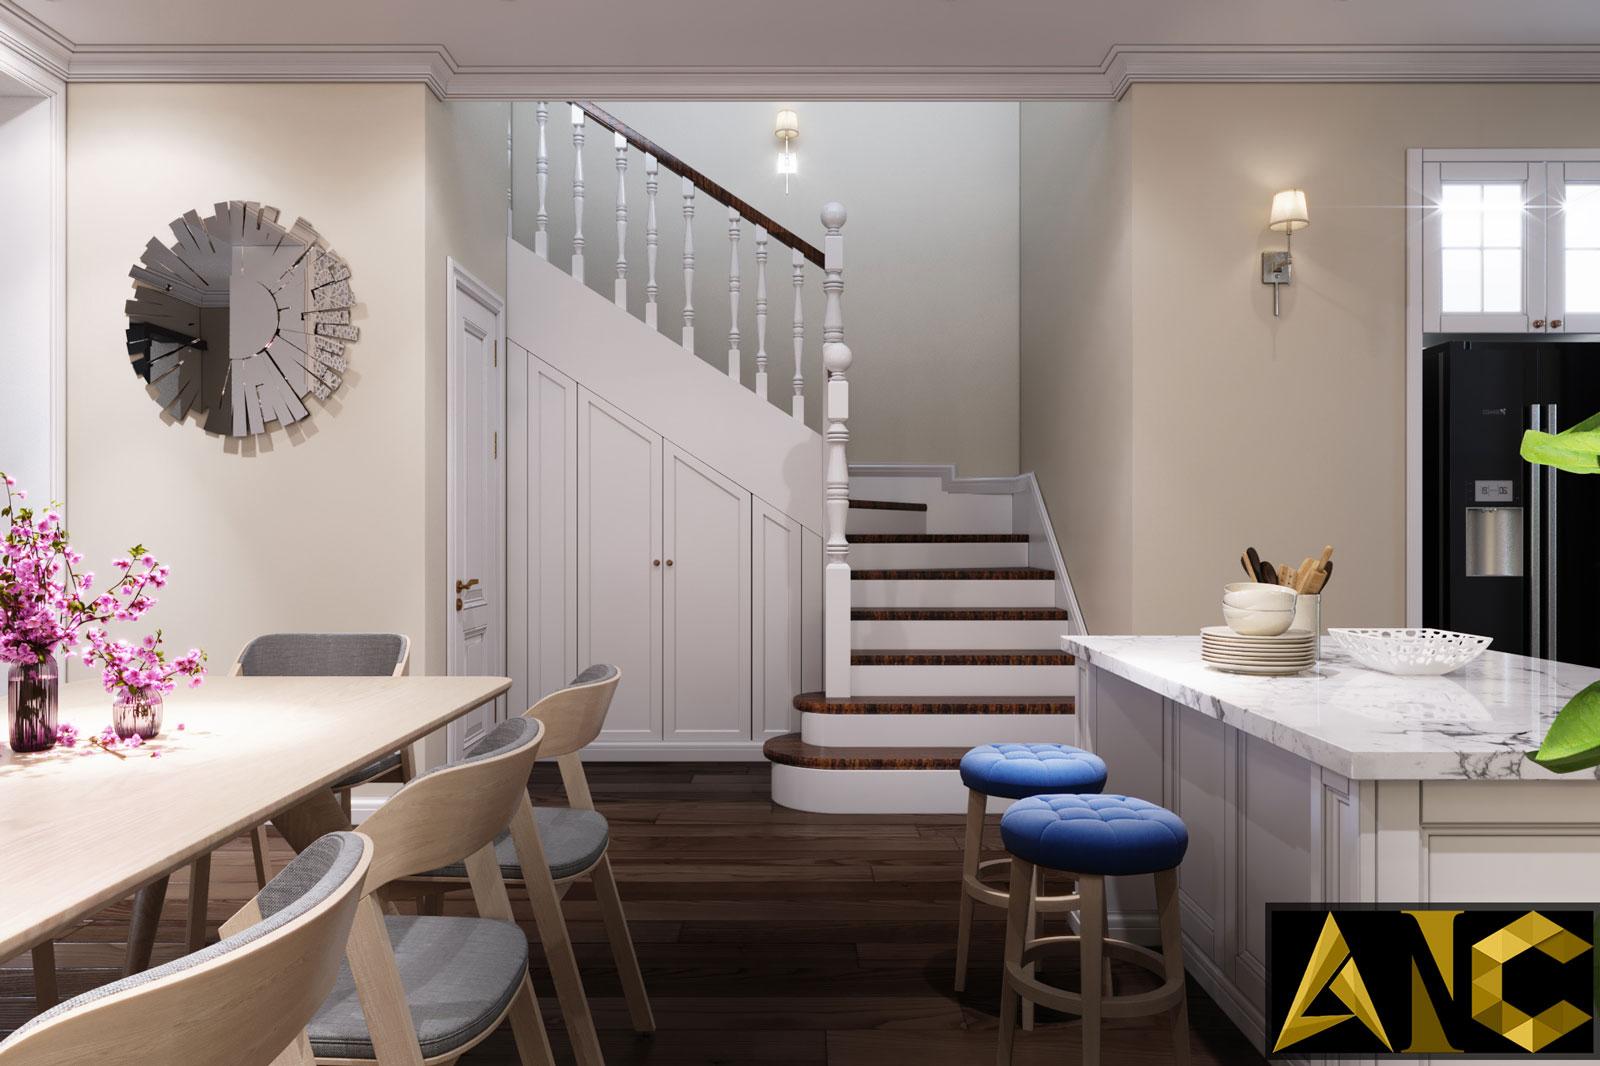 Thiết kế nội thất Nine South: Tầng Trệt Bếp và Phòng Ăn View 2 - Nhà Anh Mạnh